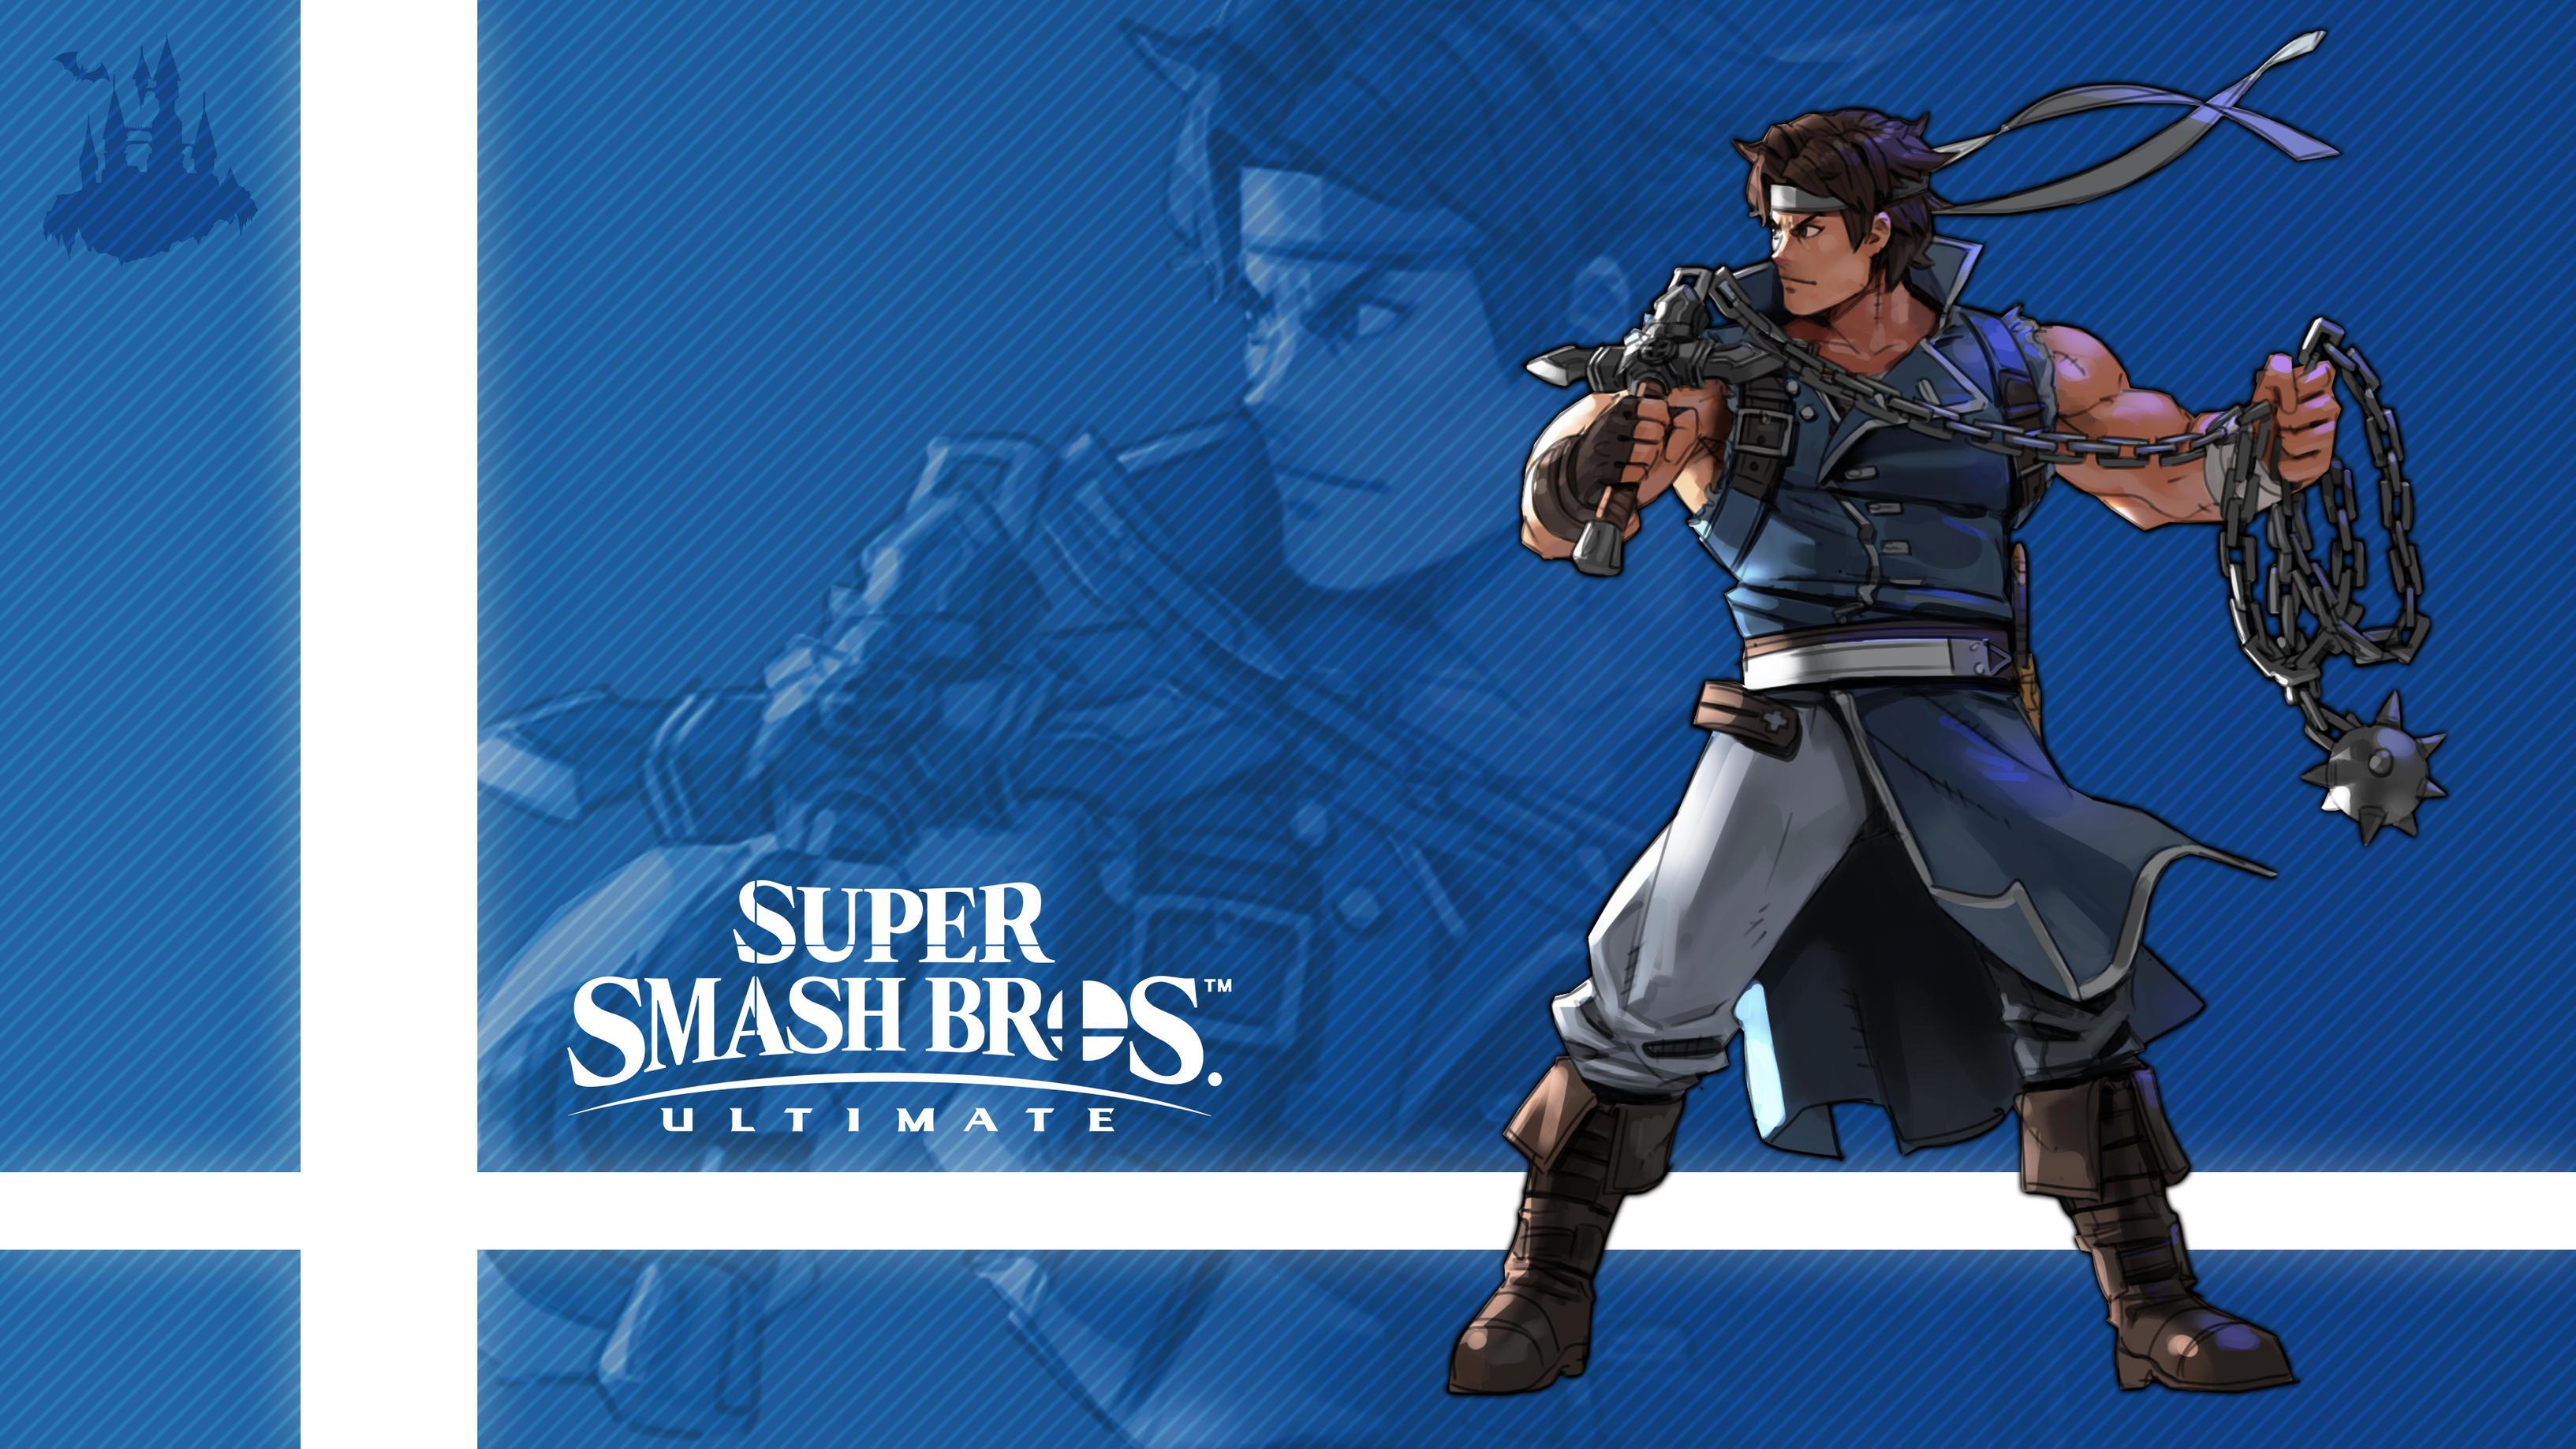 Richter In Super Smash Bros Ultimate Hd Wallpaper Background